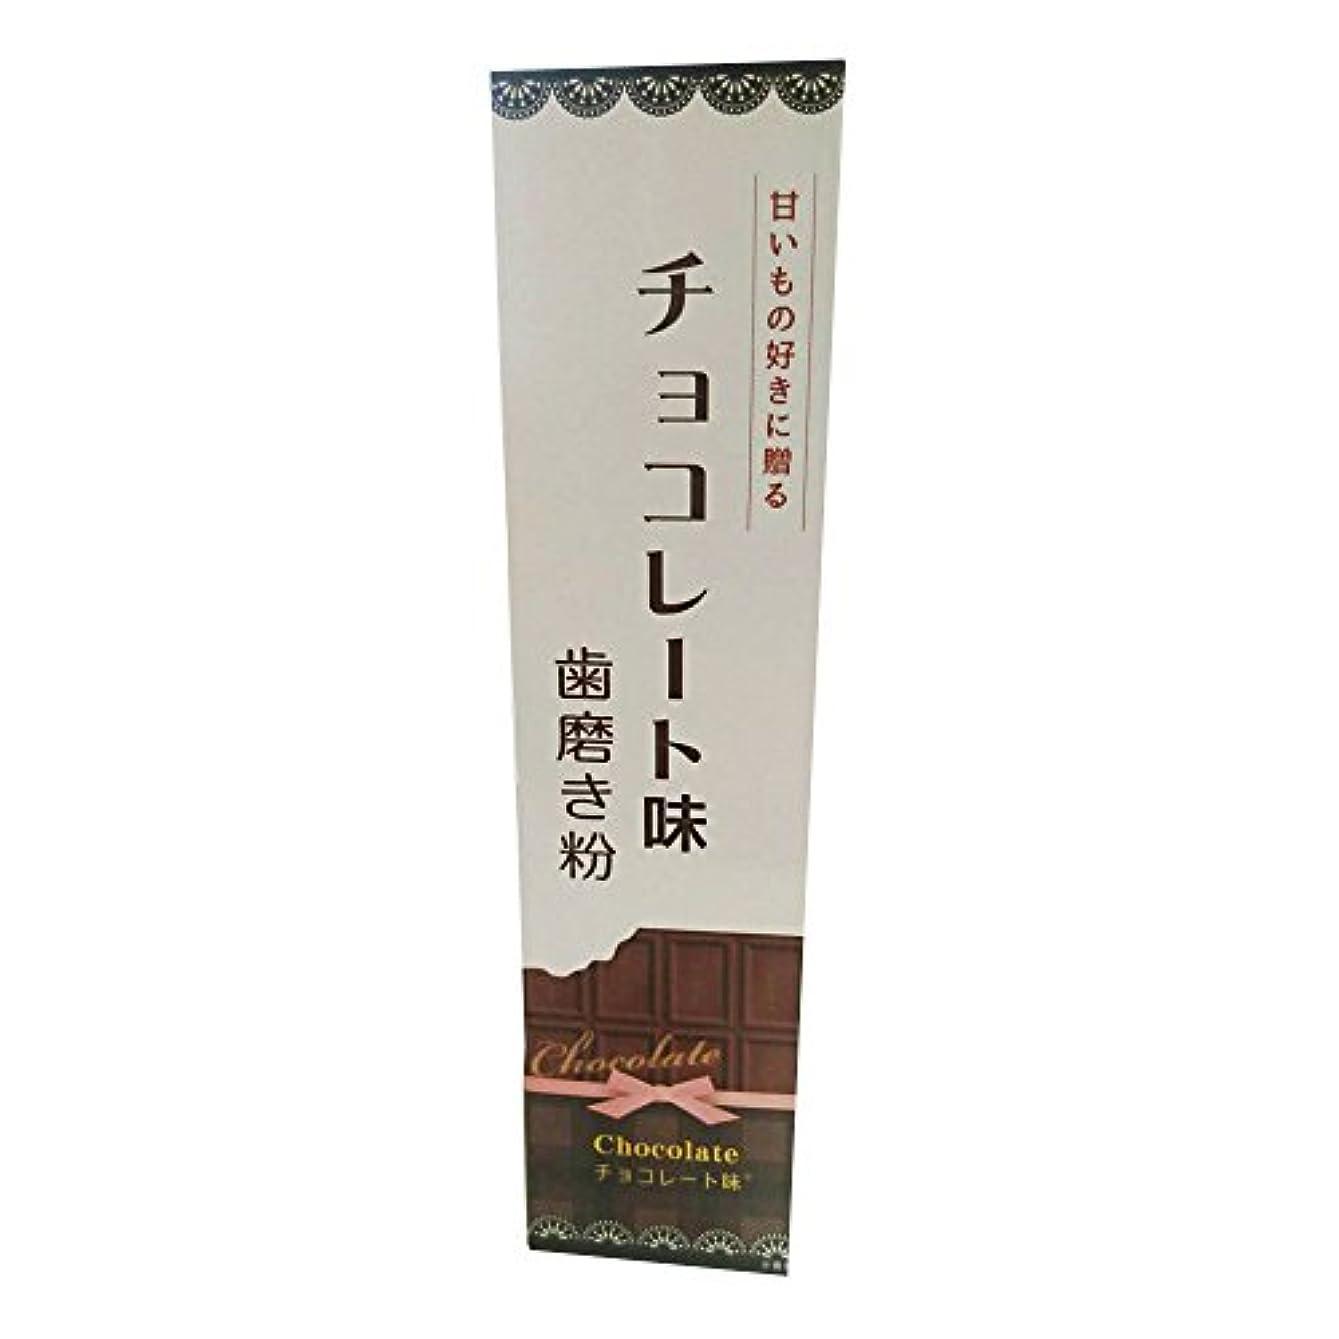 量フレアパーチナシティフレーバー歯磨き粉チョコレート味 70g